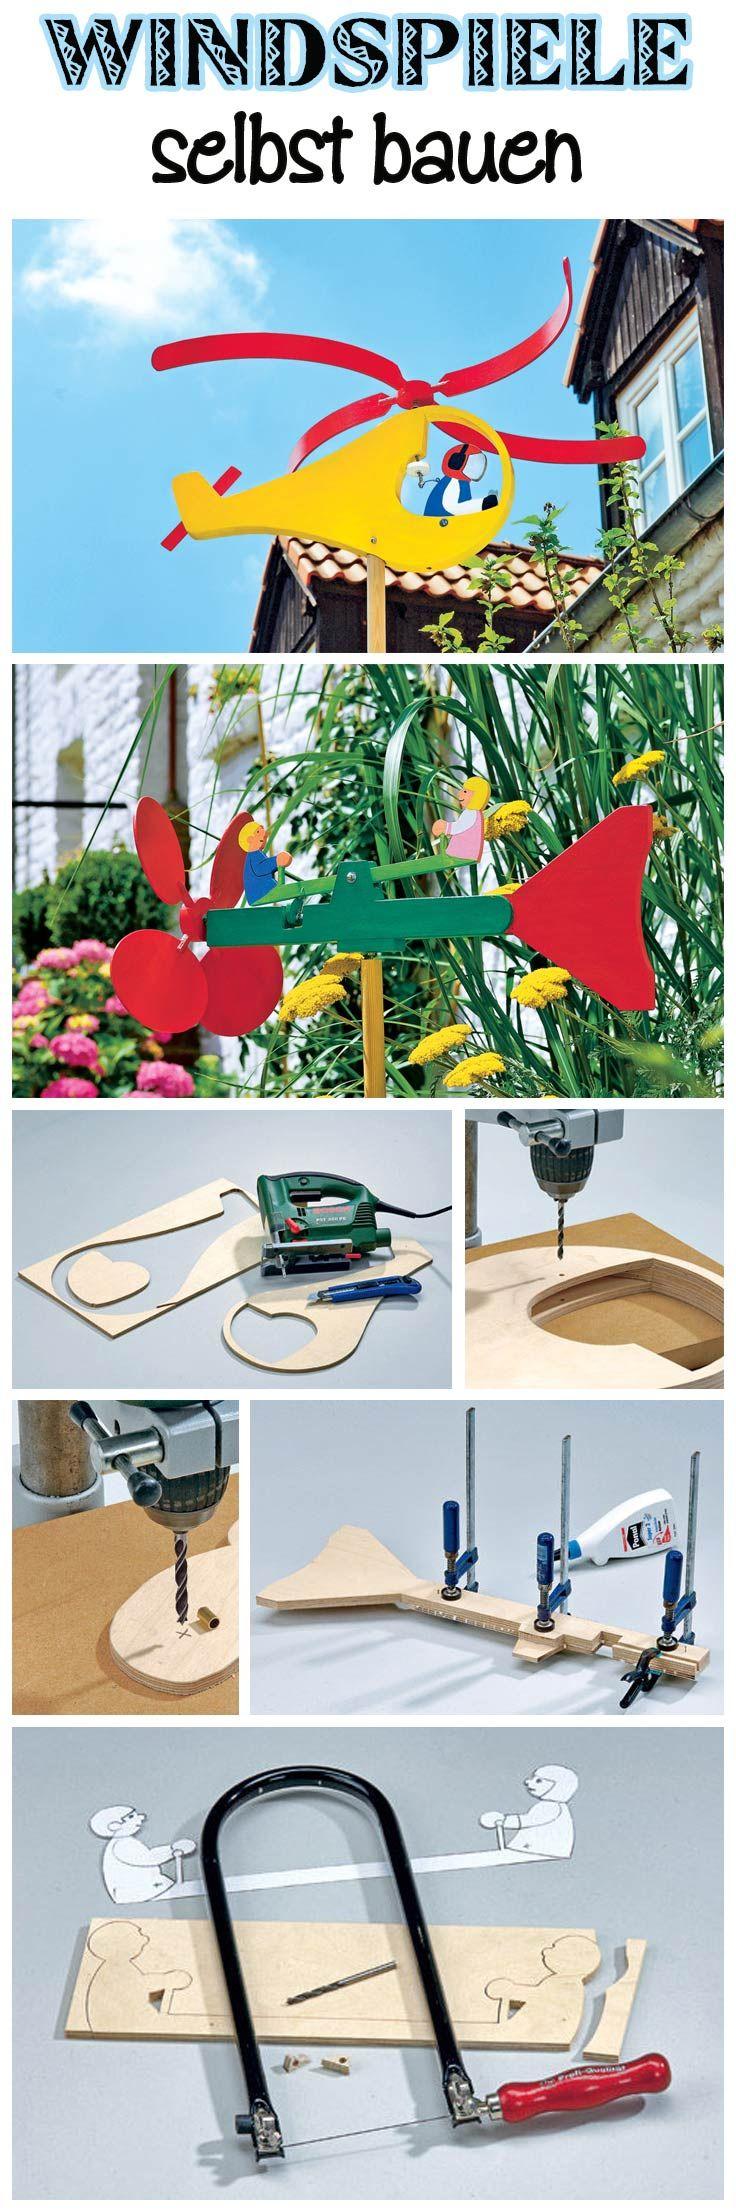 Windspiele bringen Farbe in den Garten. Der Hubschrauber hebt bei genügend Wind auch schnell ab und auf der Wippe schaukeln kleiner Männchen. Wir zeigen, wie du die farbenfrohen Dekorationen für den Garten selbst machen kannst.